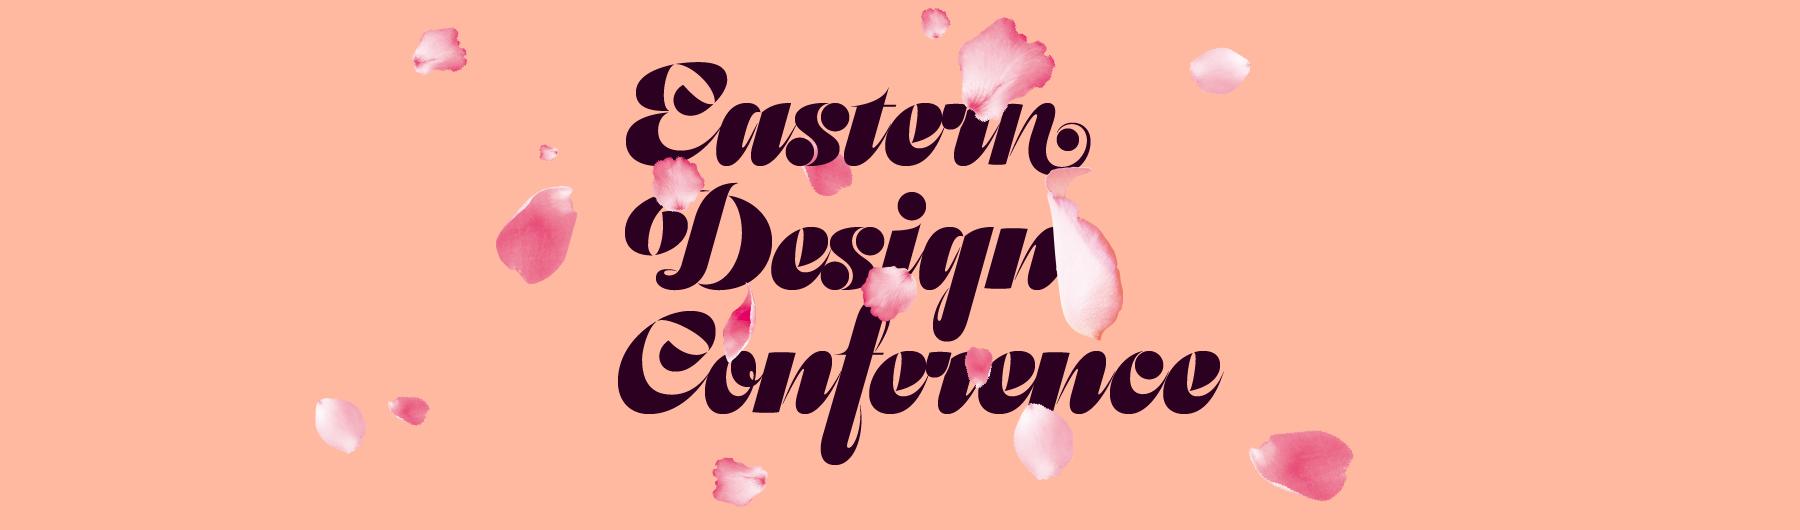 Eastern Design Conference November 8–9 2019